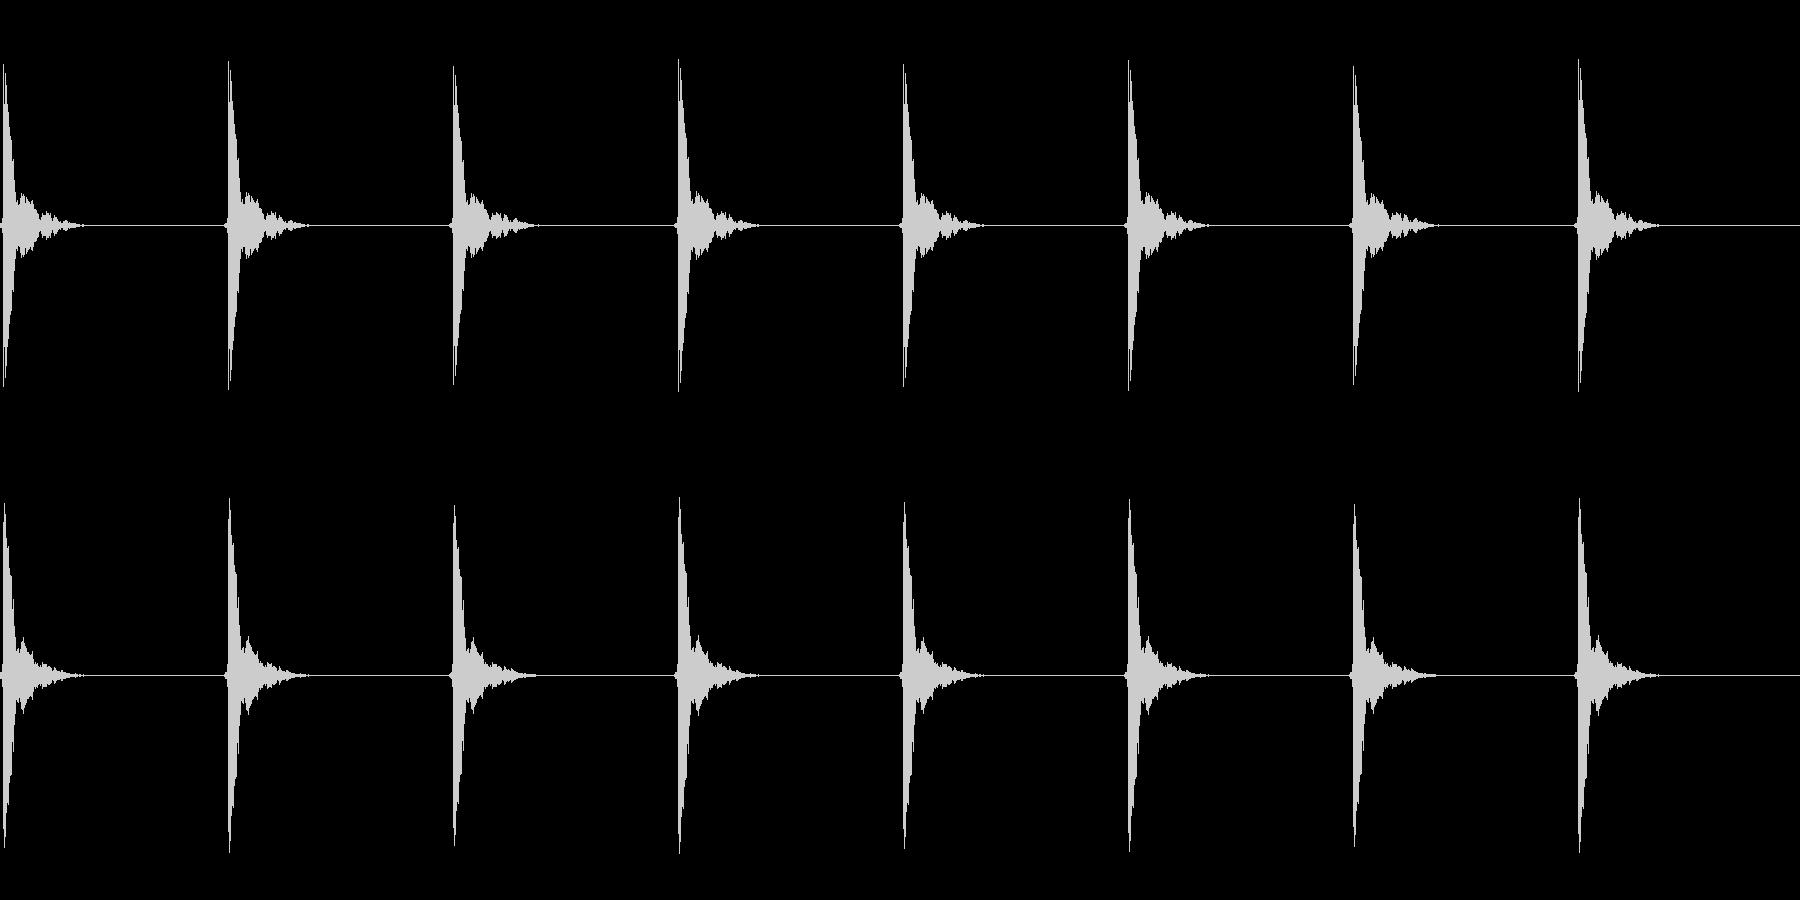 ポクポク…(木魚/シンキングタイム)の未再生の波形